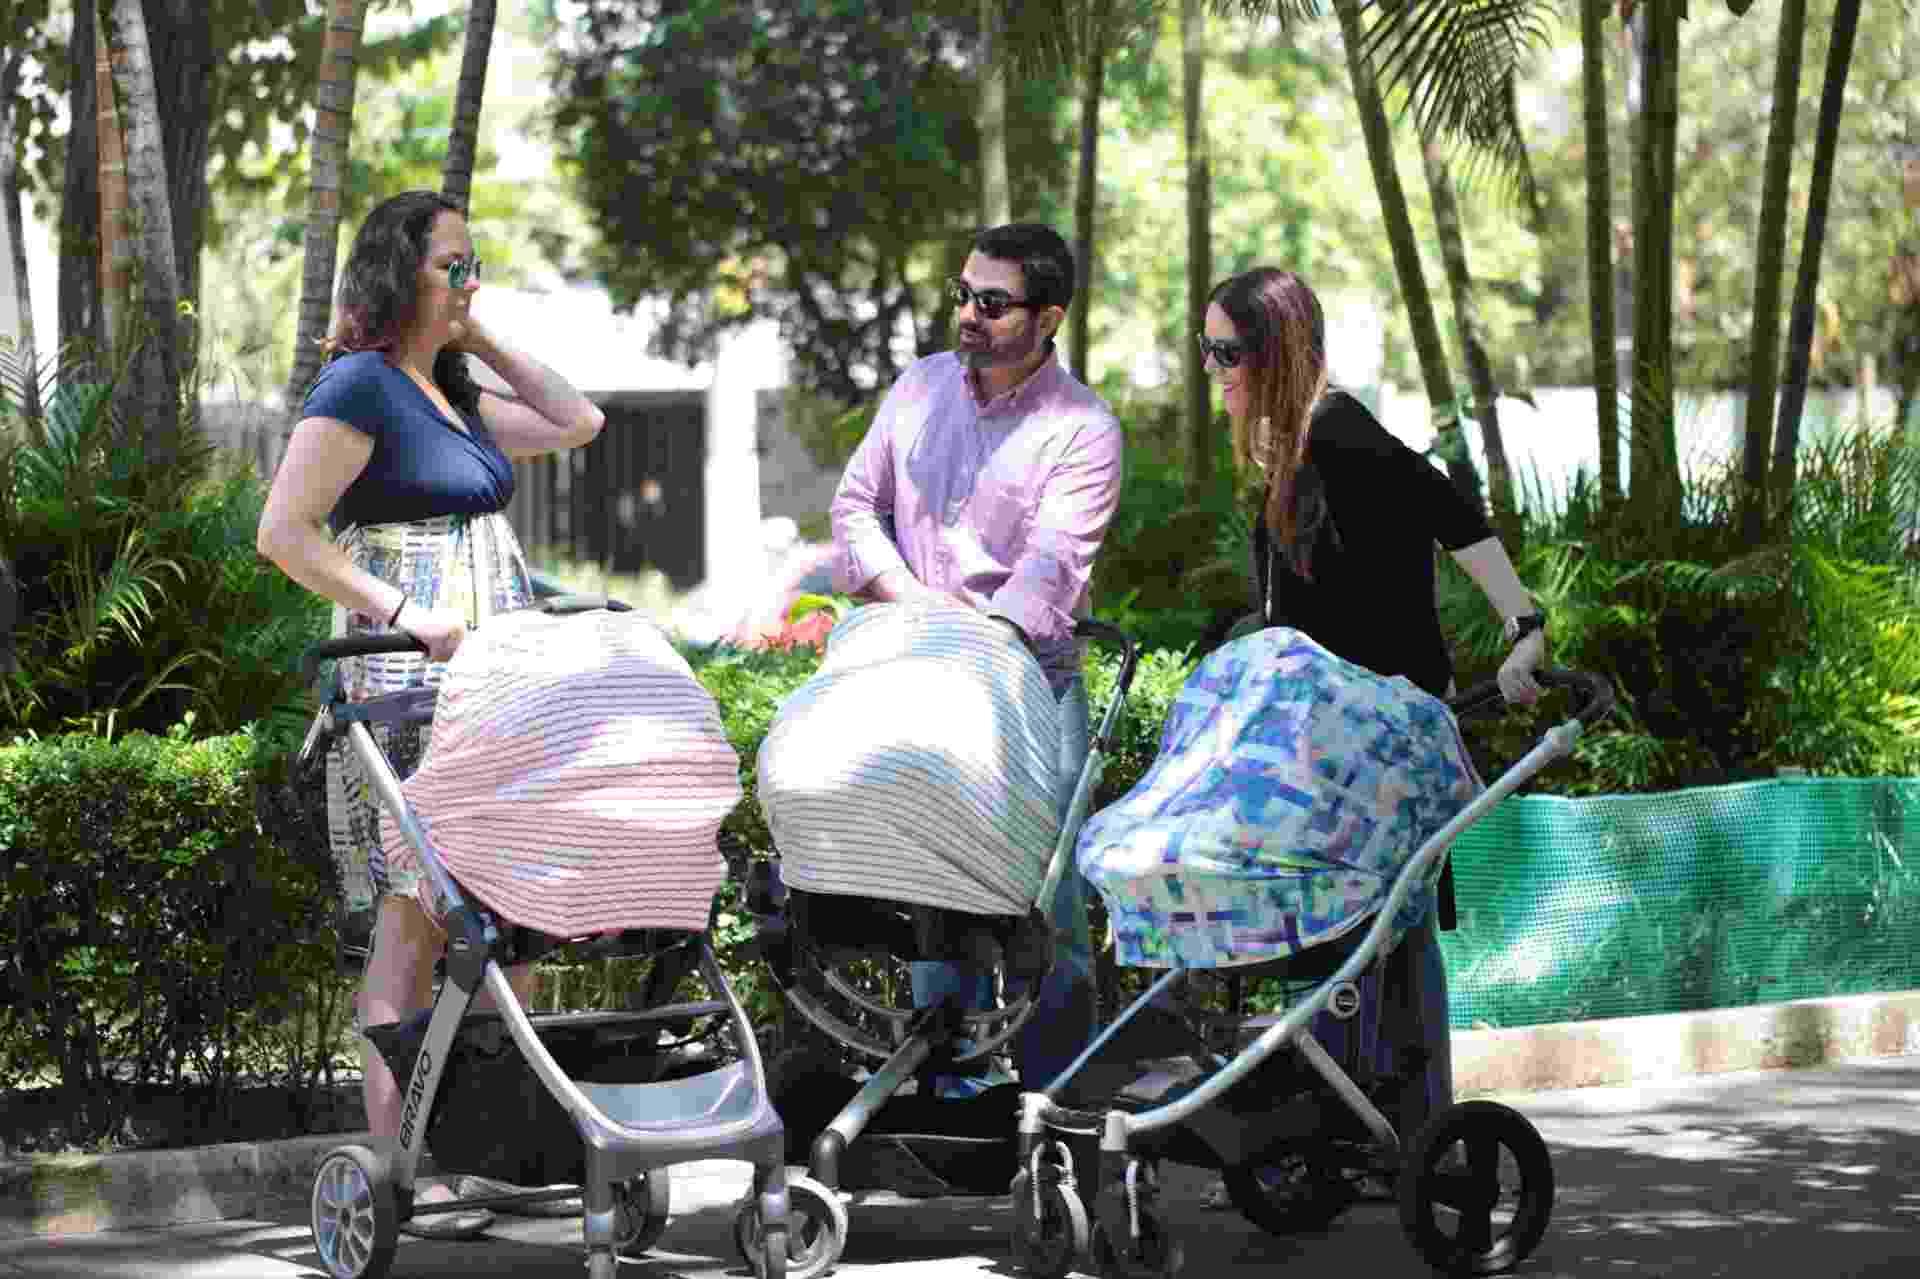 O Baby Shade, um tecido elástico e respirável para proteger o bebê em passeios no carrinho ou no bebê conforto de pessoas com as mãos sujas e do ar-condicionado, por exemplo, além de dar privacidade para mães na hora da amamentação - Divulgação